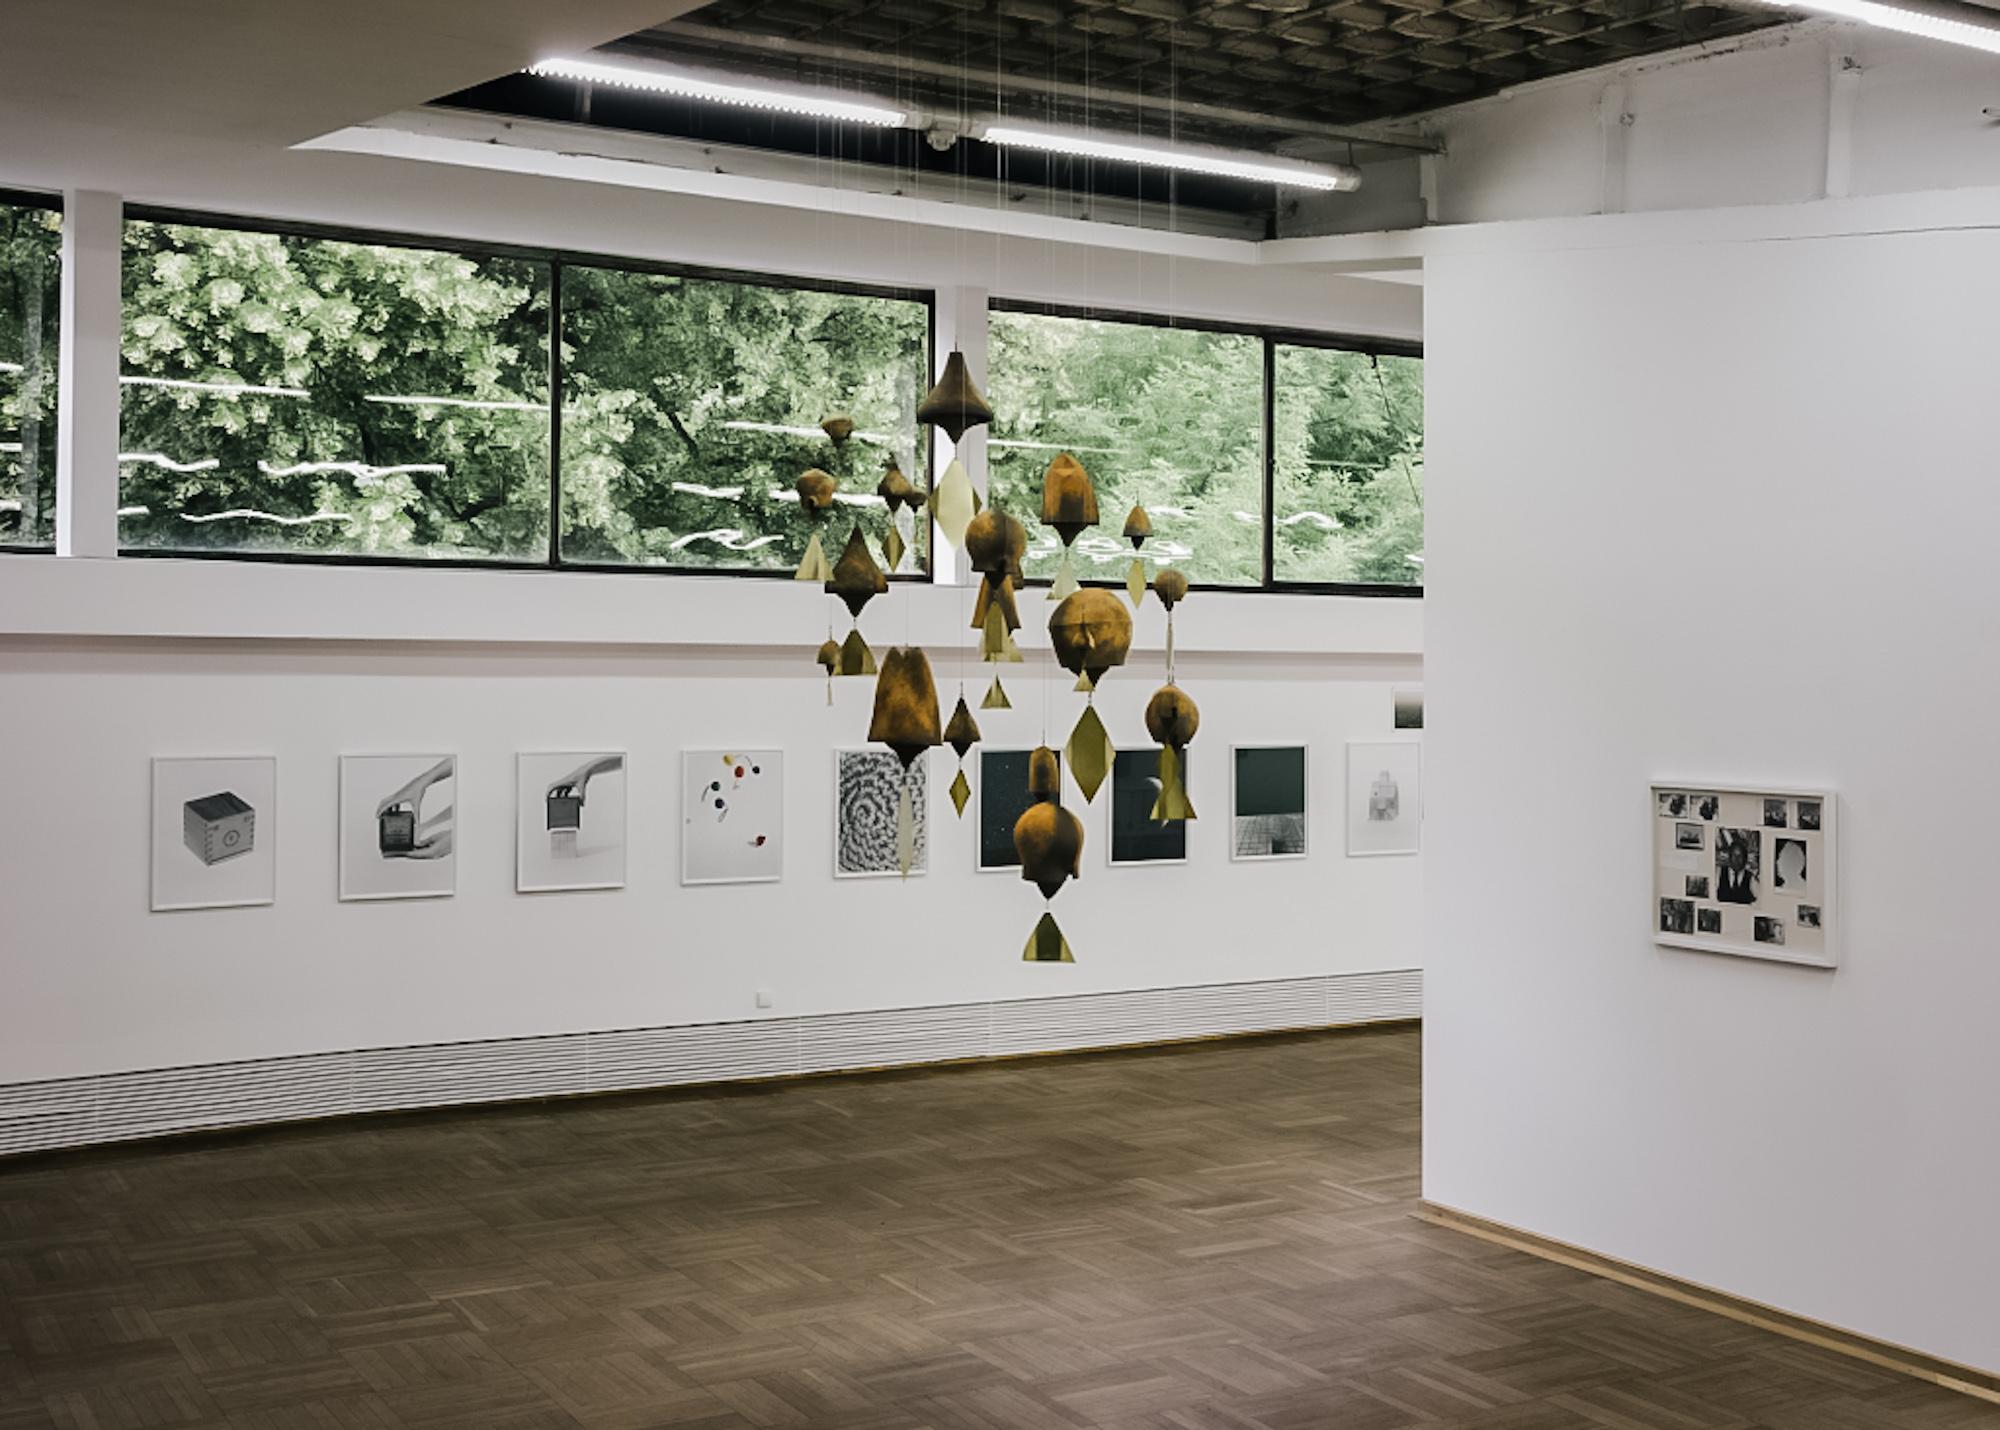 Krzysztof Pijarski, Aurélien Froment, Moiré, widok wystawy, fot.Krzysztof Pijarski